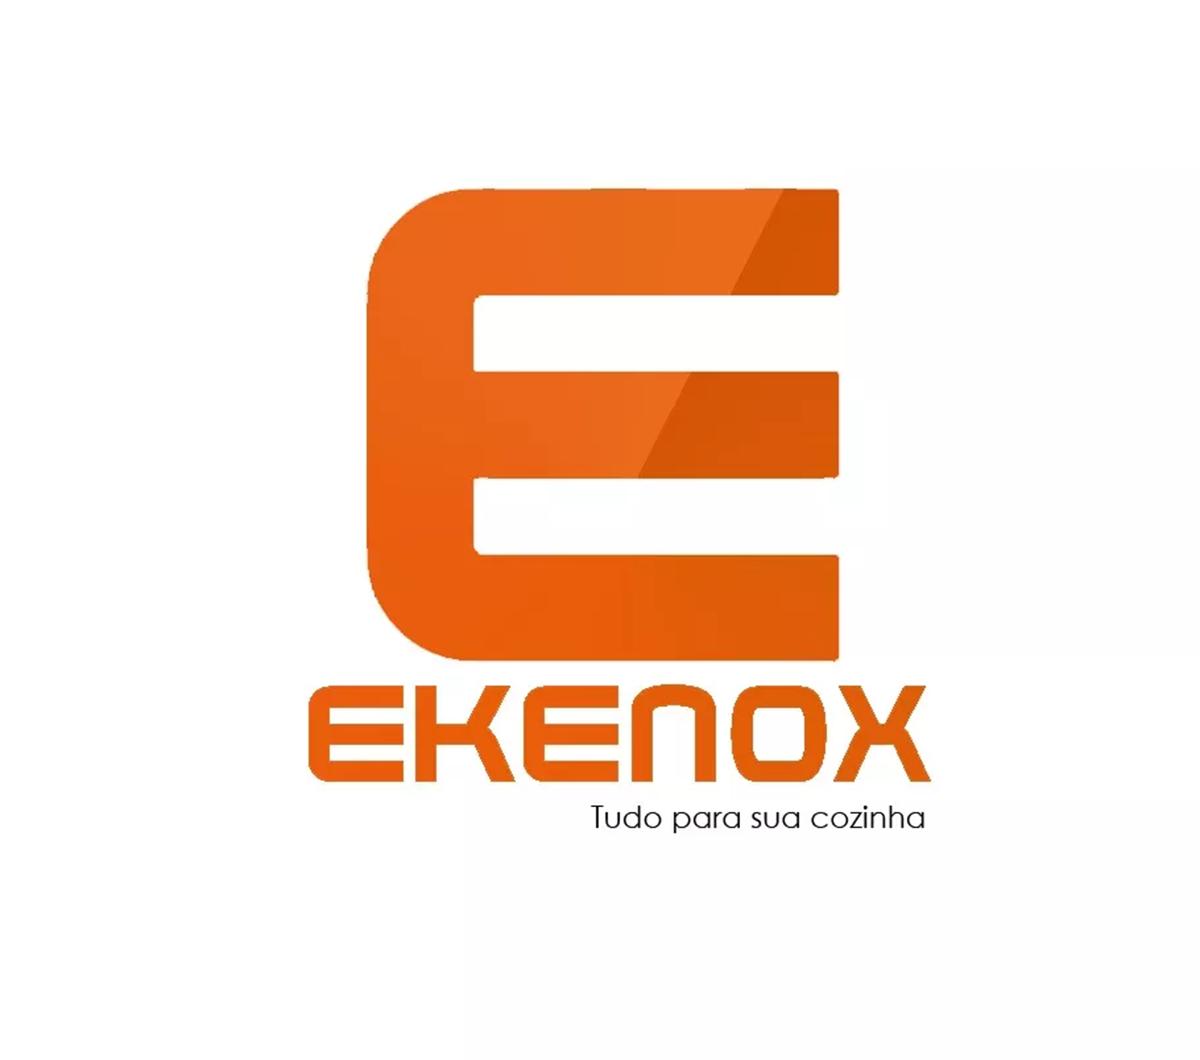 Mesa Inox Leve 93 X 55 C/ Prateleira   - EKENOX- Equipamentos Industriais